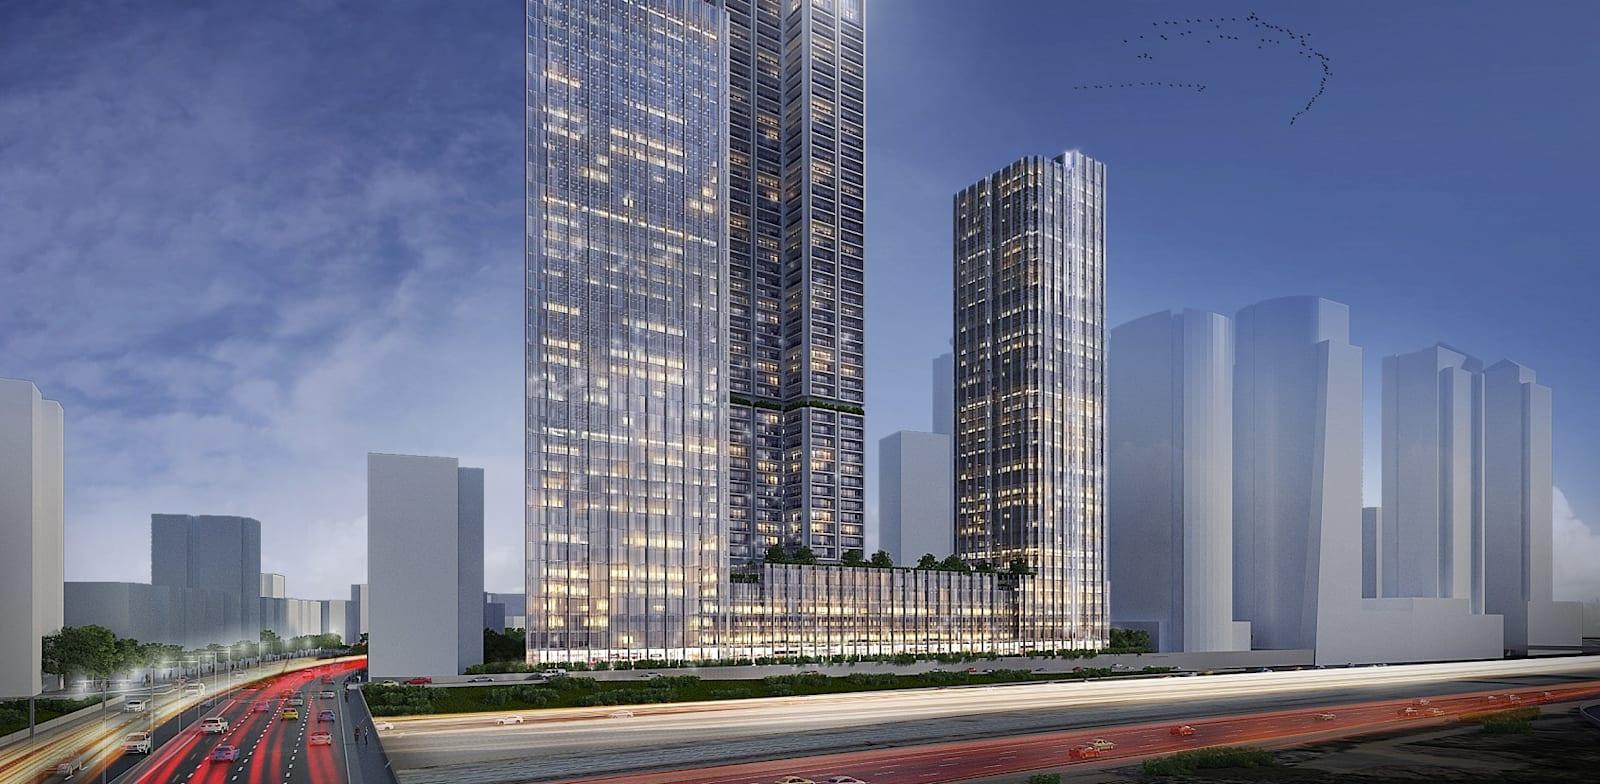 הפרויקט במתחם הבורסה ברמת גן / הדמיה: ישר אדריכלים